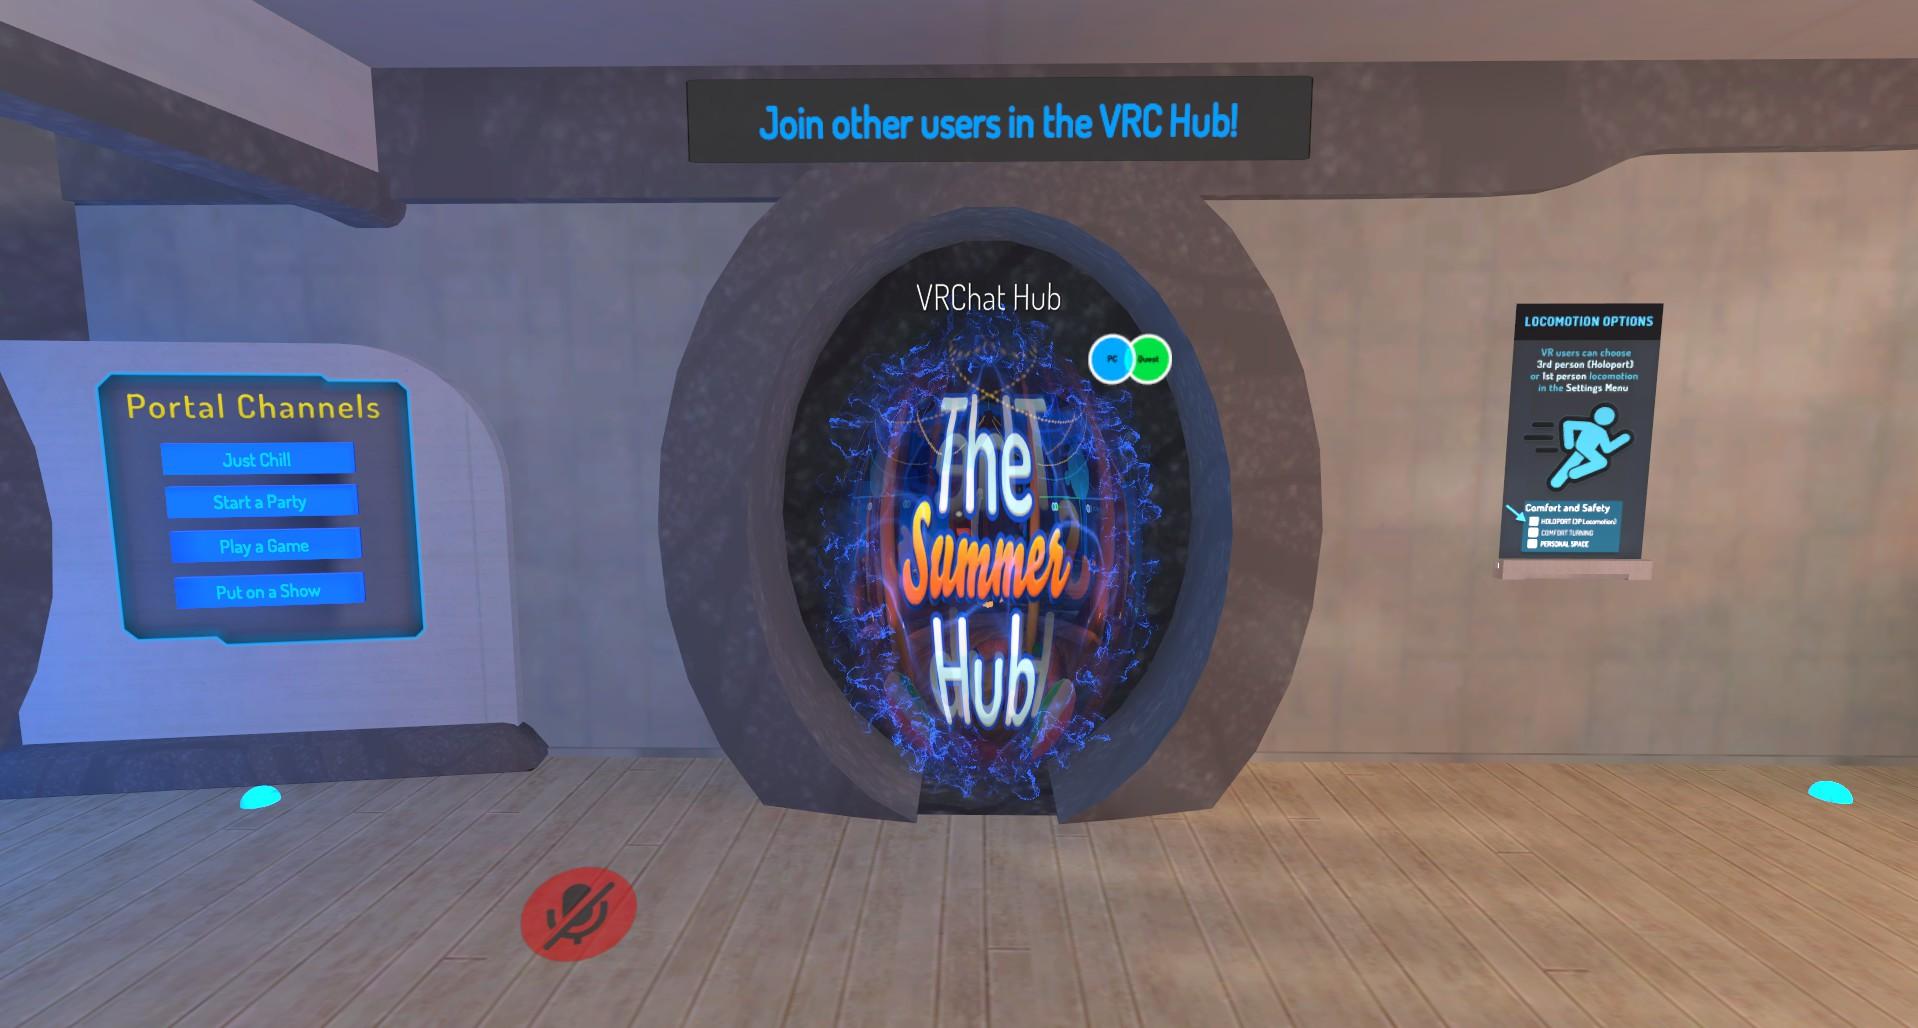 VRChatとは何か (概要&はじめ方、VR機器は必要?など) | FRONTL1NE